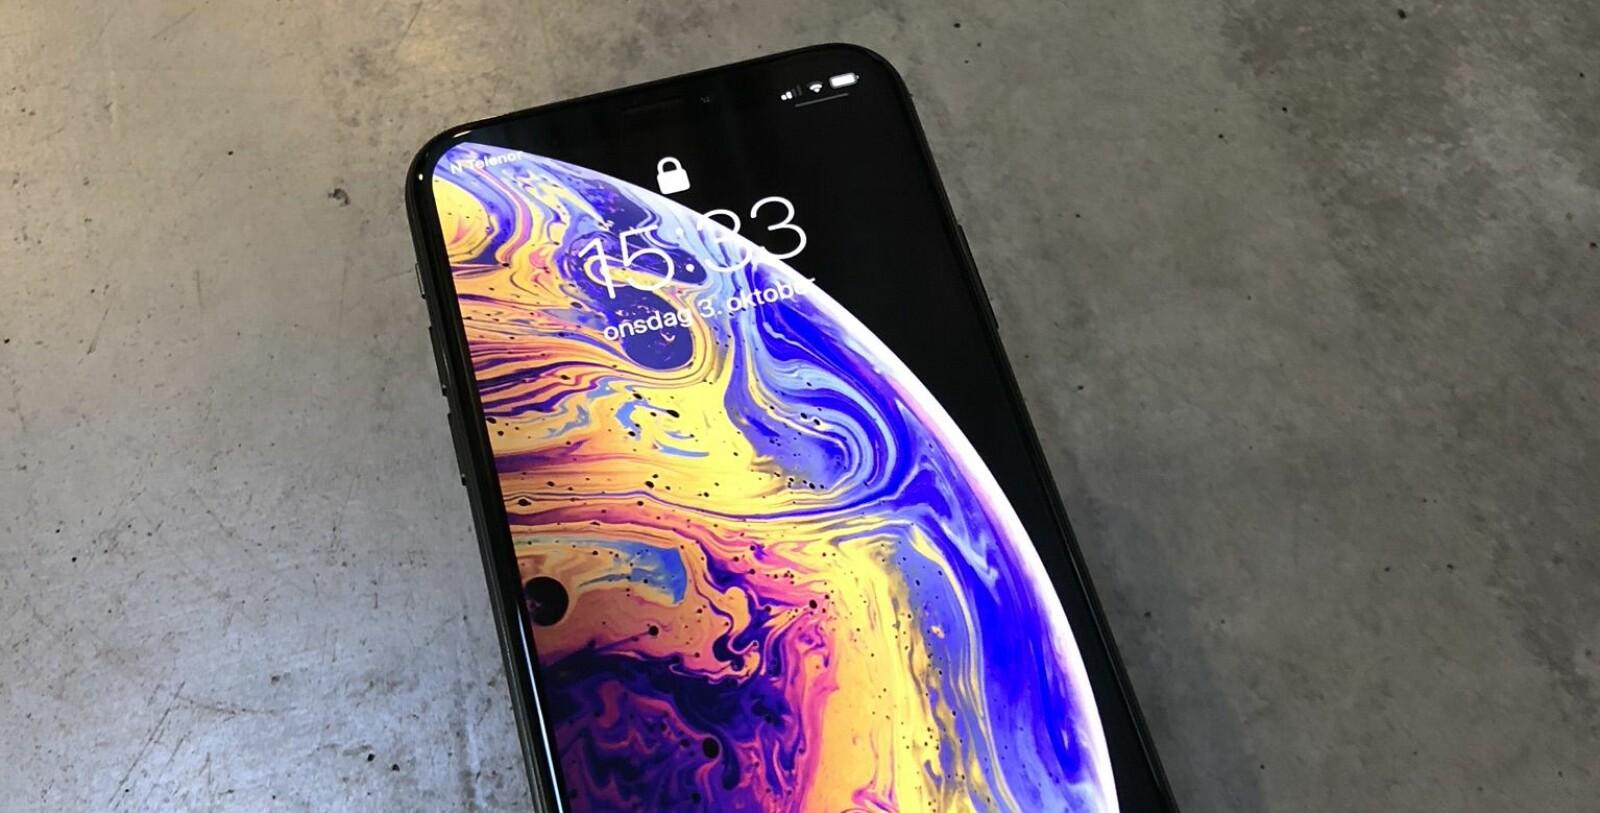 <b>TEST AV IPHONE XS:</b> Etter en uke med iPhone Xs i daglig bruk, er det først og fremst én ting som skiller seg ut. Og det er klart at det innsiden som teller.